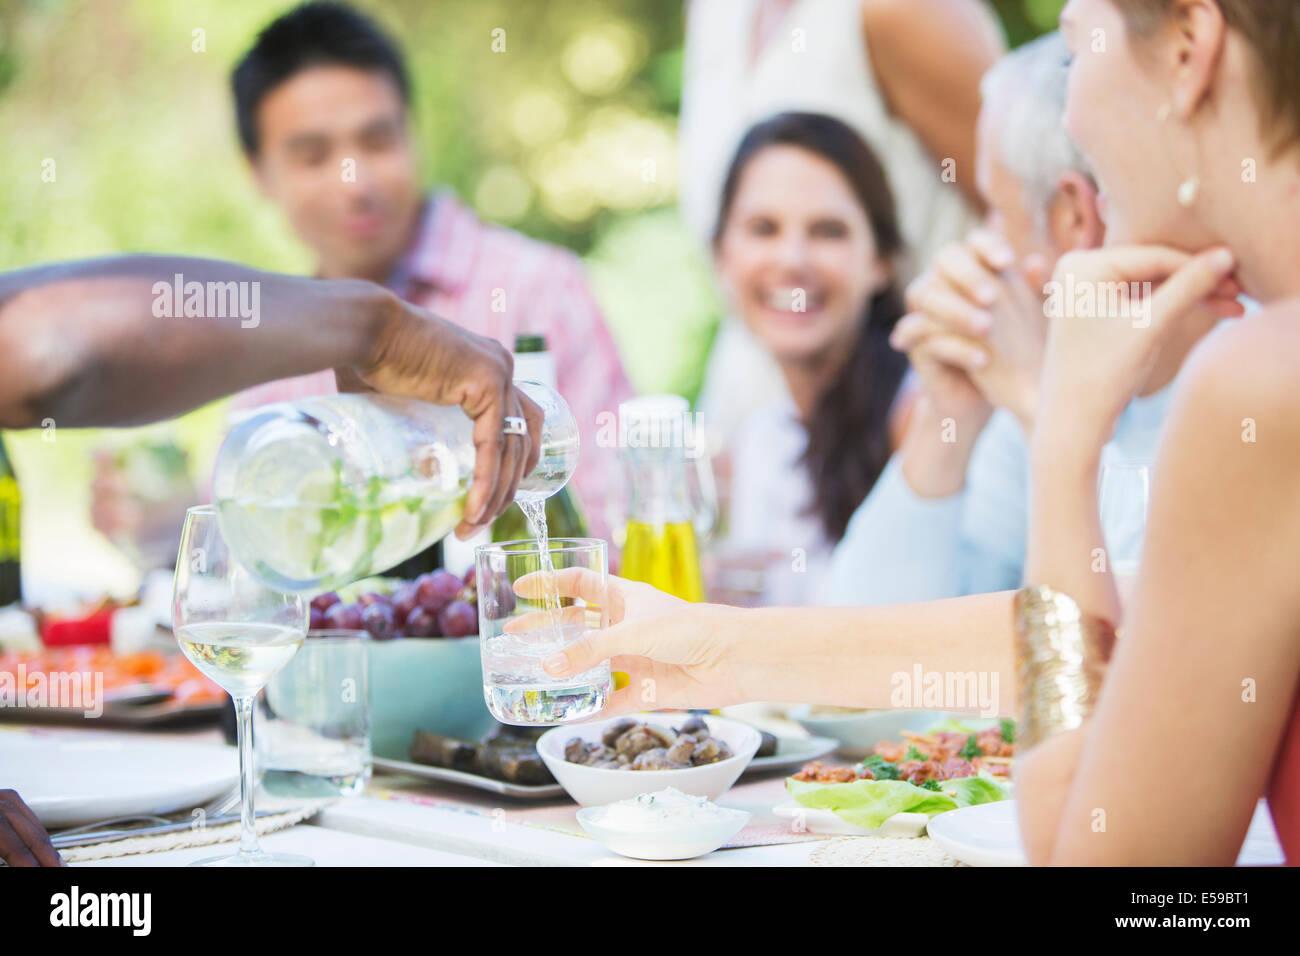 Gli amici di mangiare insieme all'aperto Immagini Stock